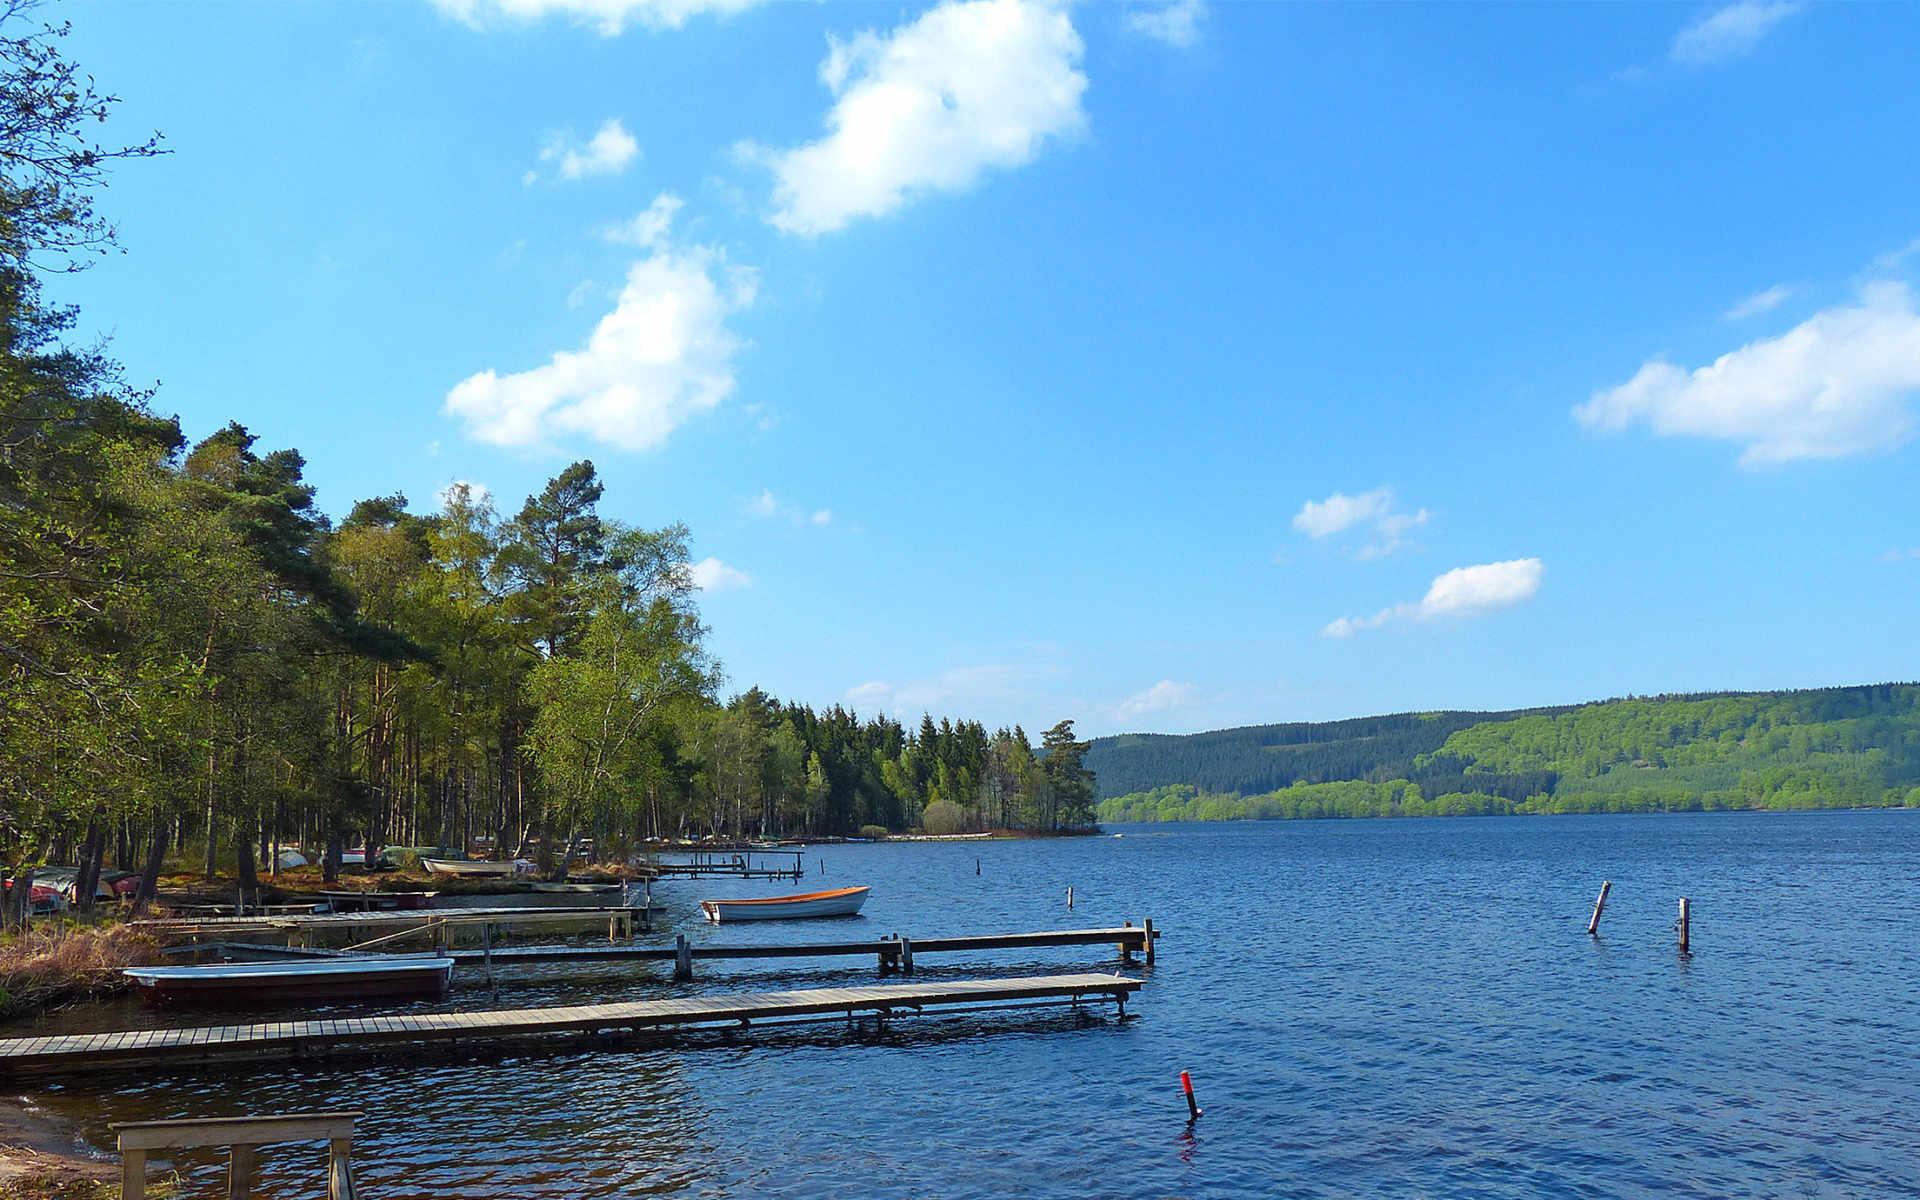 Västersjön, Hallandsåsen